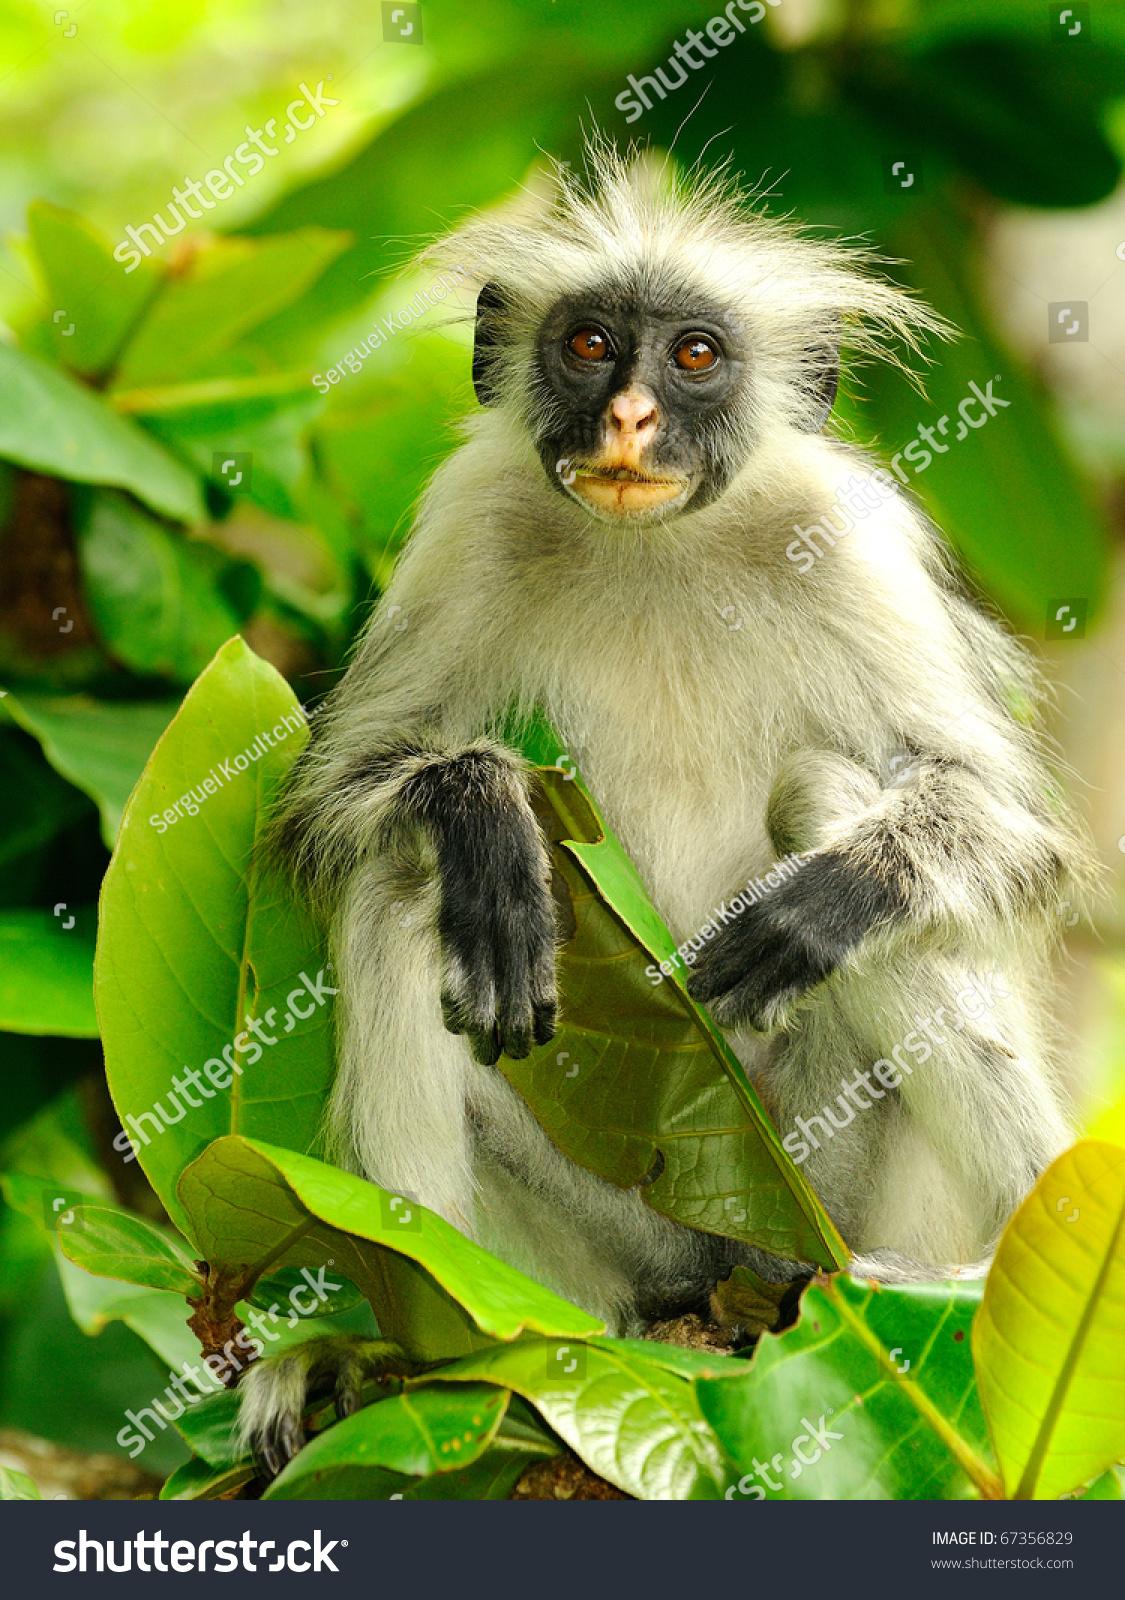 屏保猴子图片大全手机可爱